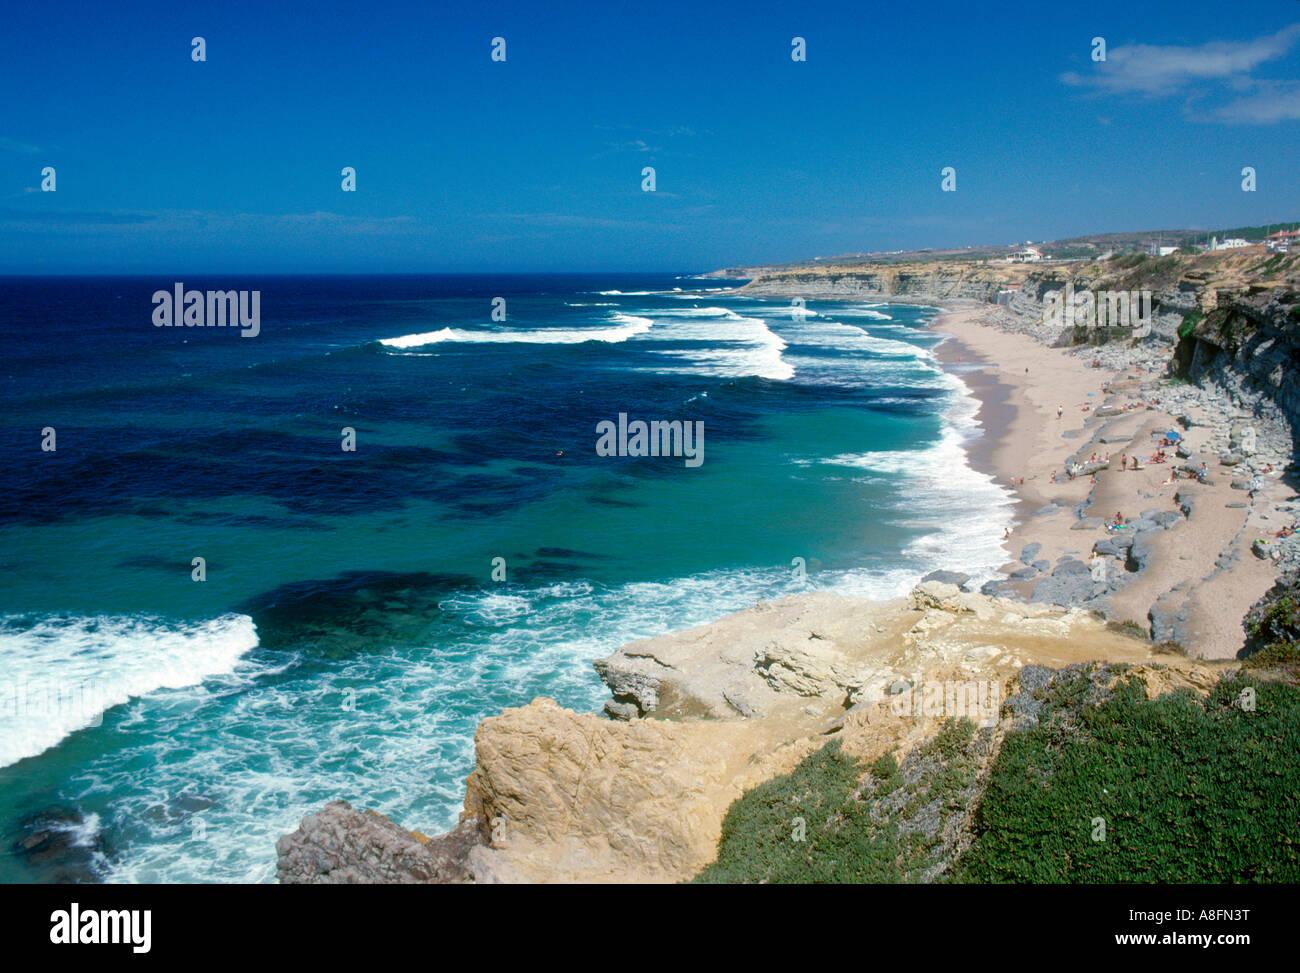 Peniche Algarve natural coast Portugal - Stock Image